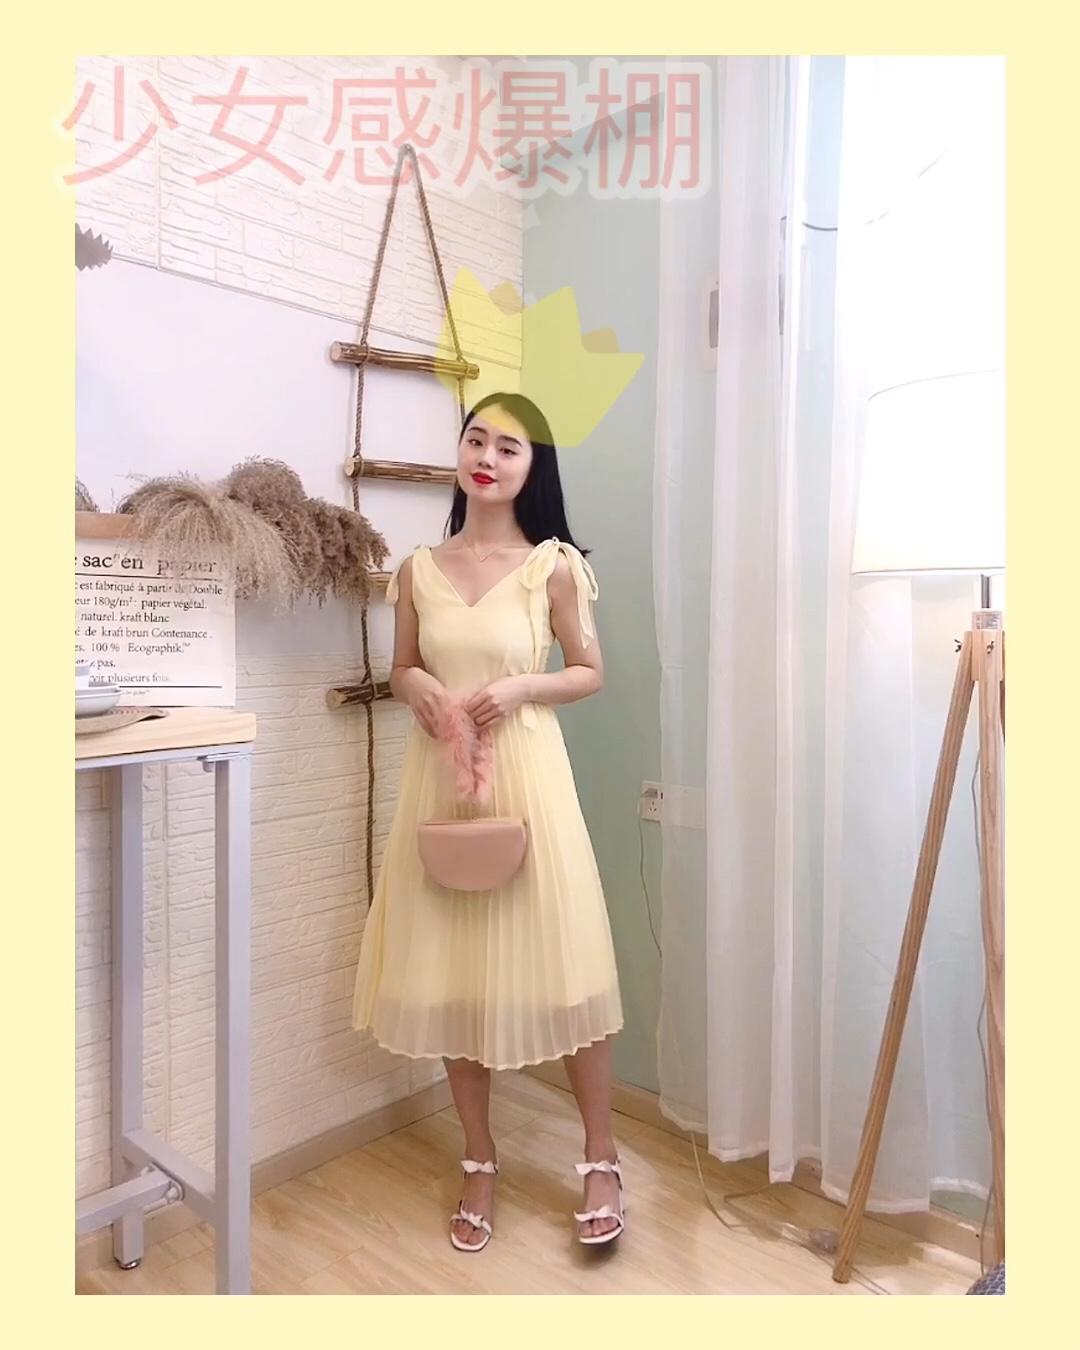 #少女感爆棚的日常打卡#  夏日穿搭|这件连衣裙非常有少女感  颜色也很明亮  给人一种小清新的感觉  搭配了一个粉色的手提包  和一双白色的高跟鞋  少女感无敌了  再别上一个珍珠发卡  减龄又温柔  这一套搭配也非常适合度假⛱️  拍照超级上镜👍